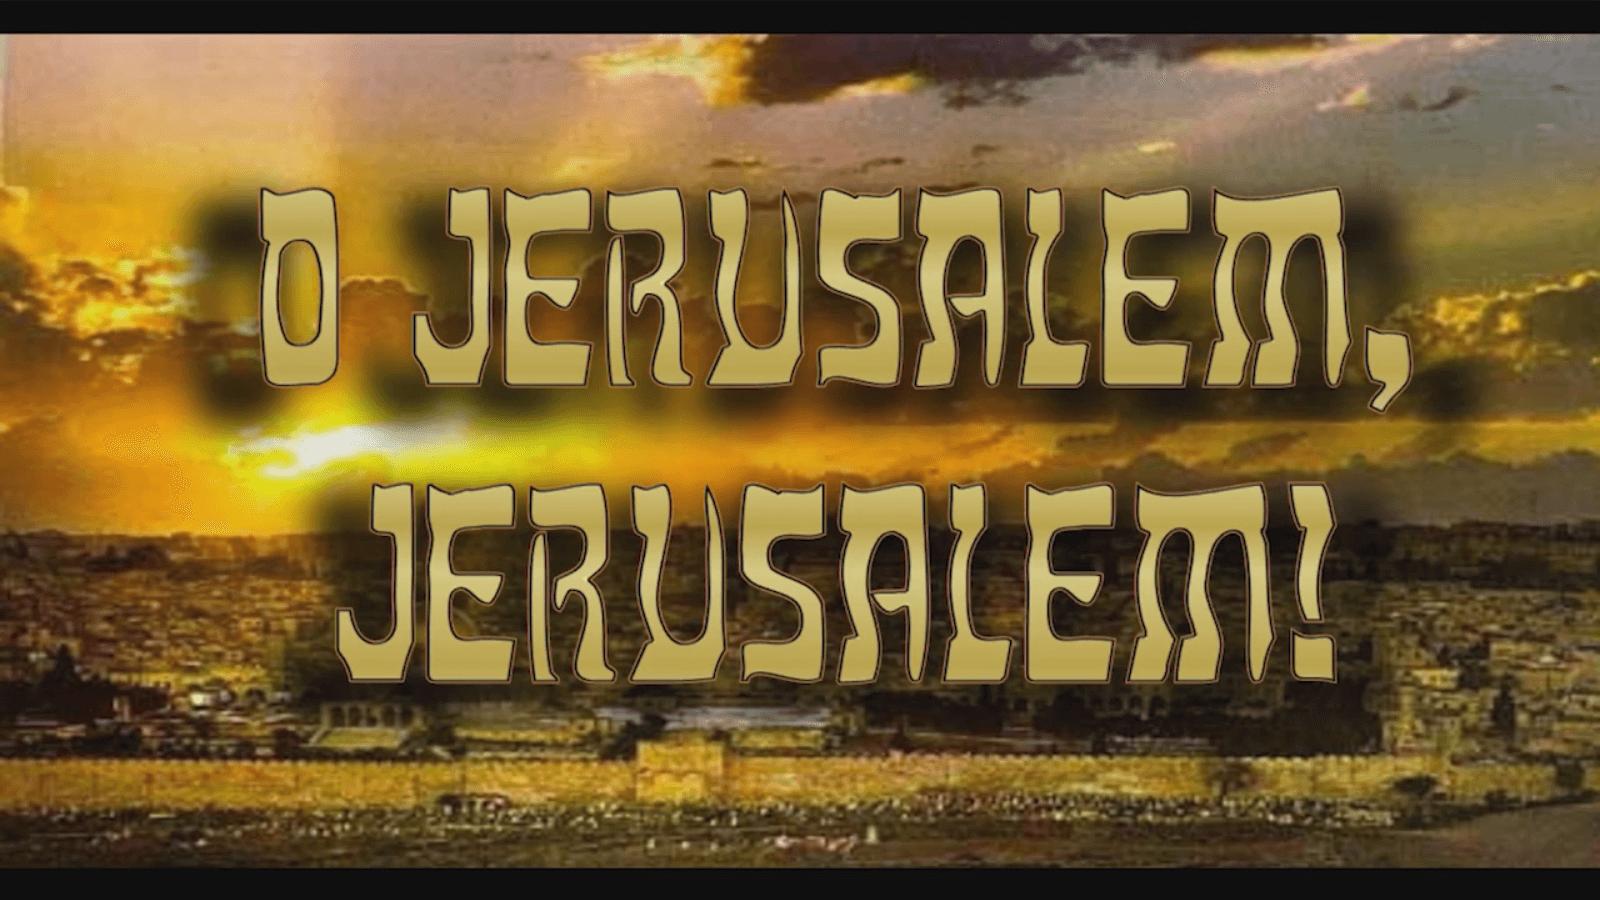 O Jerusalem, Jerusalem!